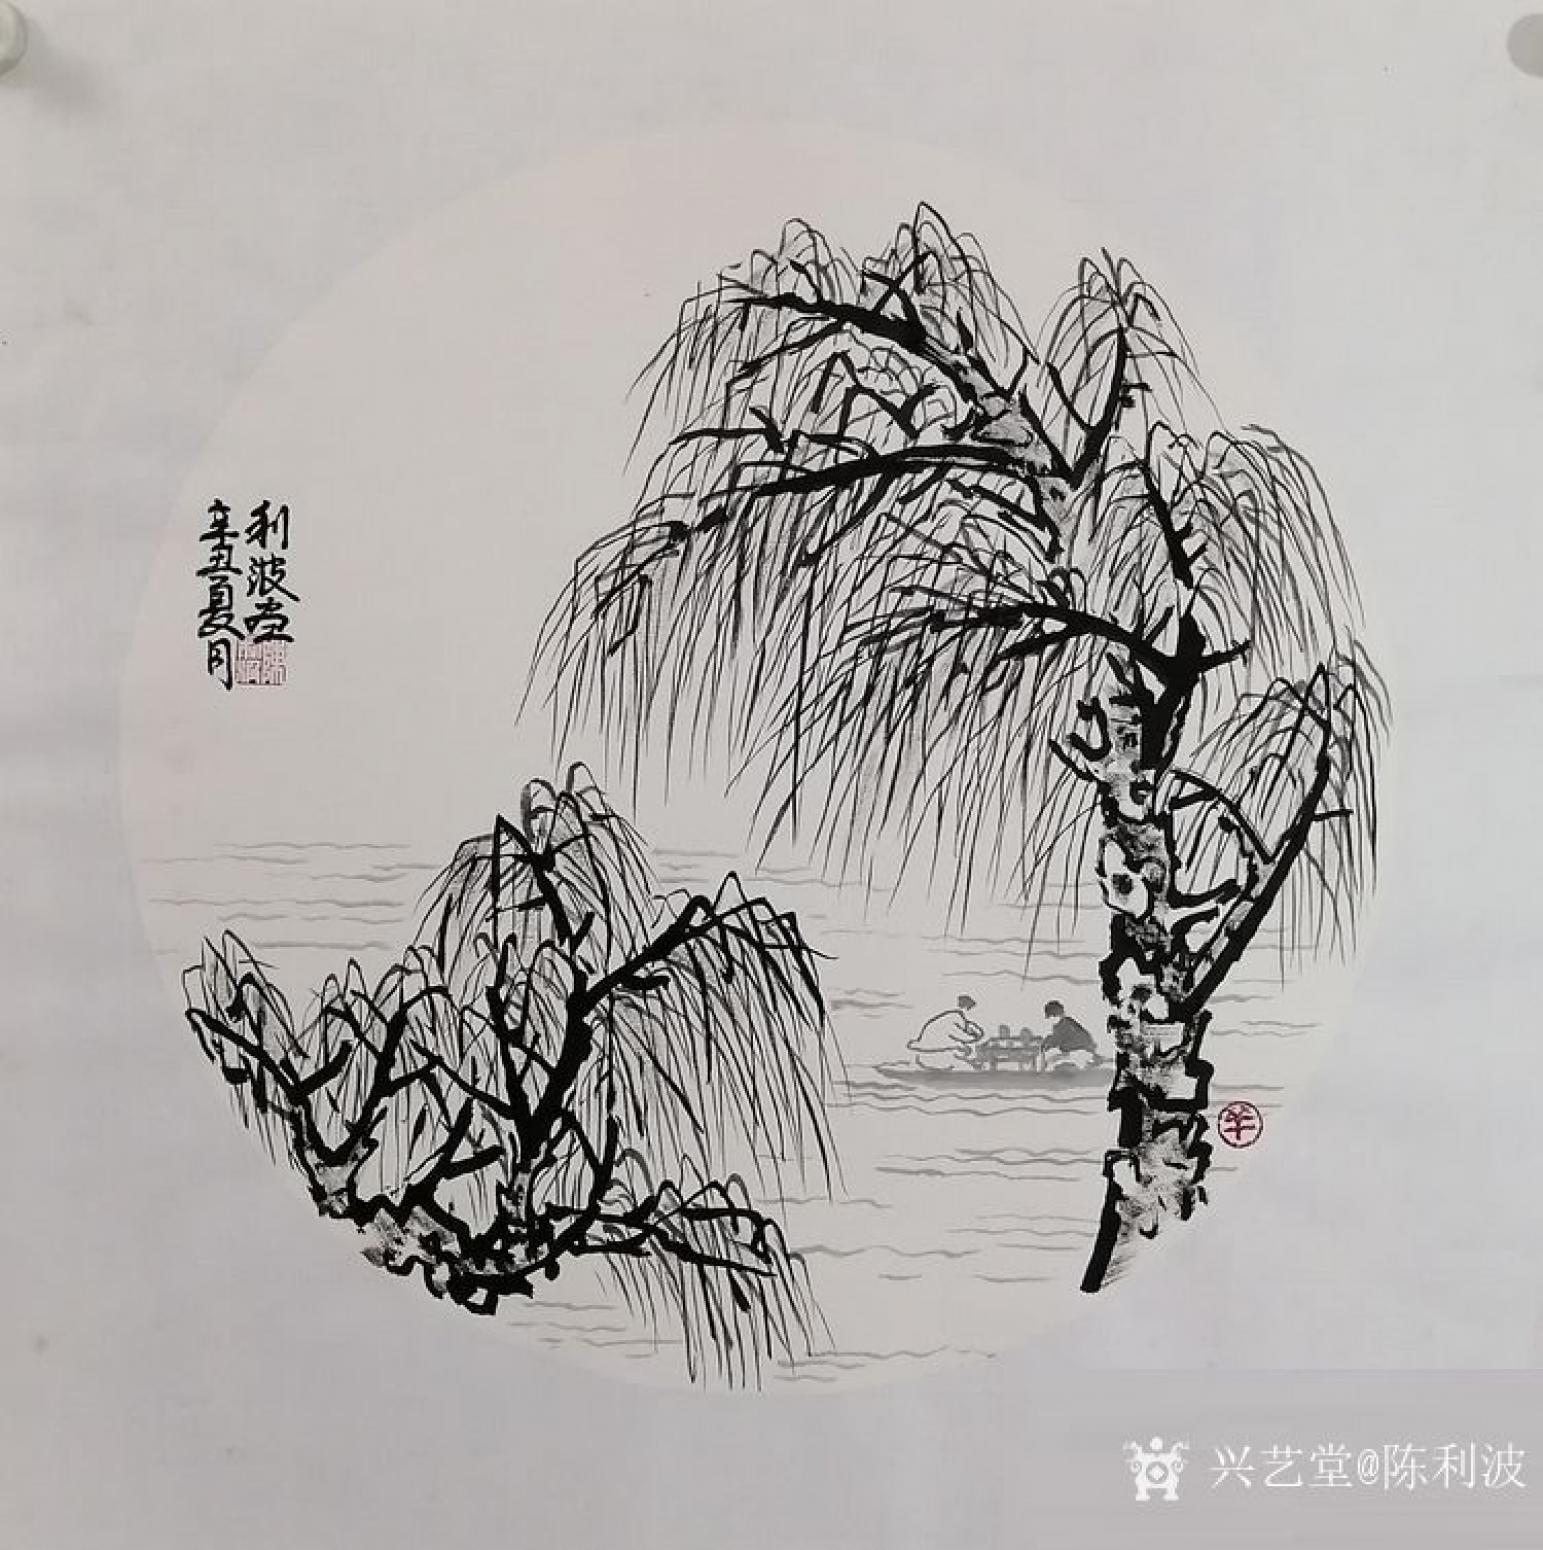 陈利波国画作品《河柳2》